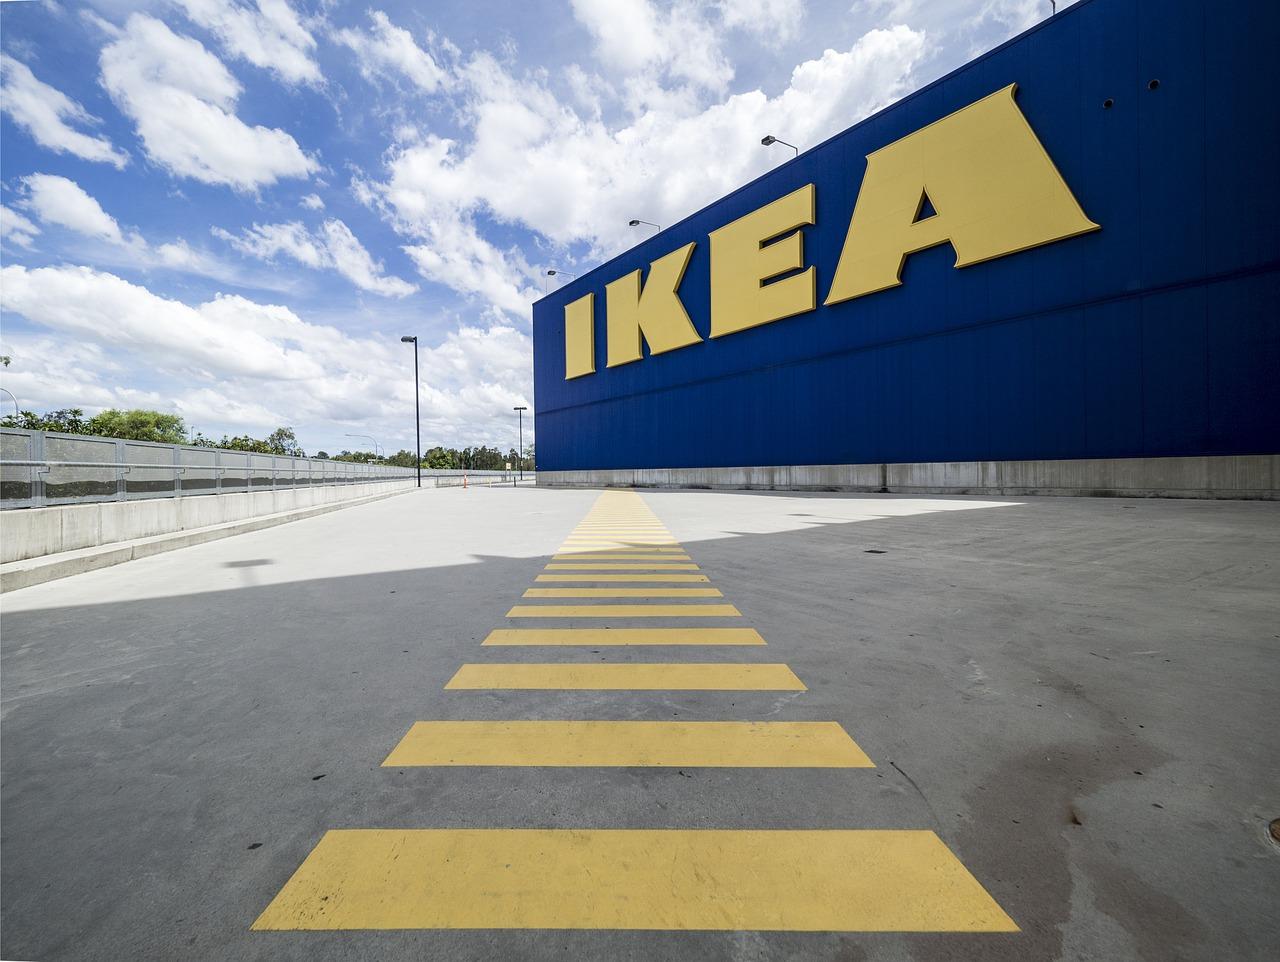 Cassettiera Ikea Come Fasciatoio.Bimbi Caduti Da Cassettiera Fasciatoio Ora Ikea Spiega Come Mettere